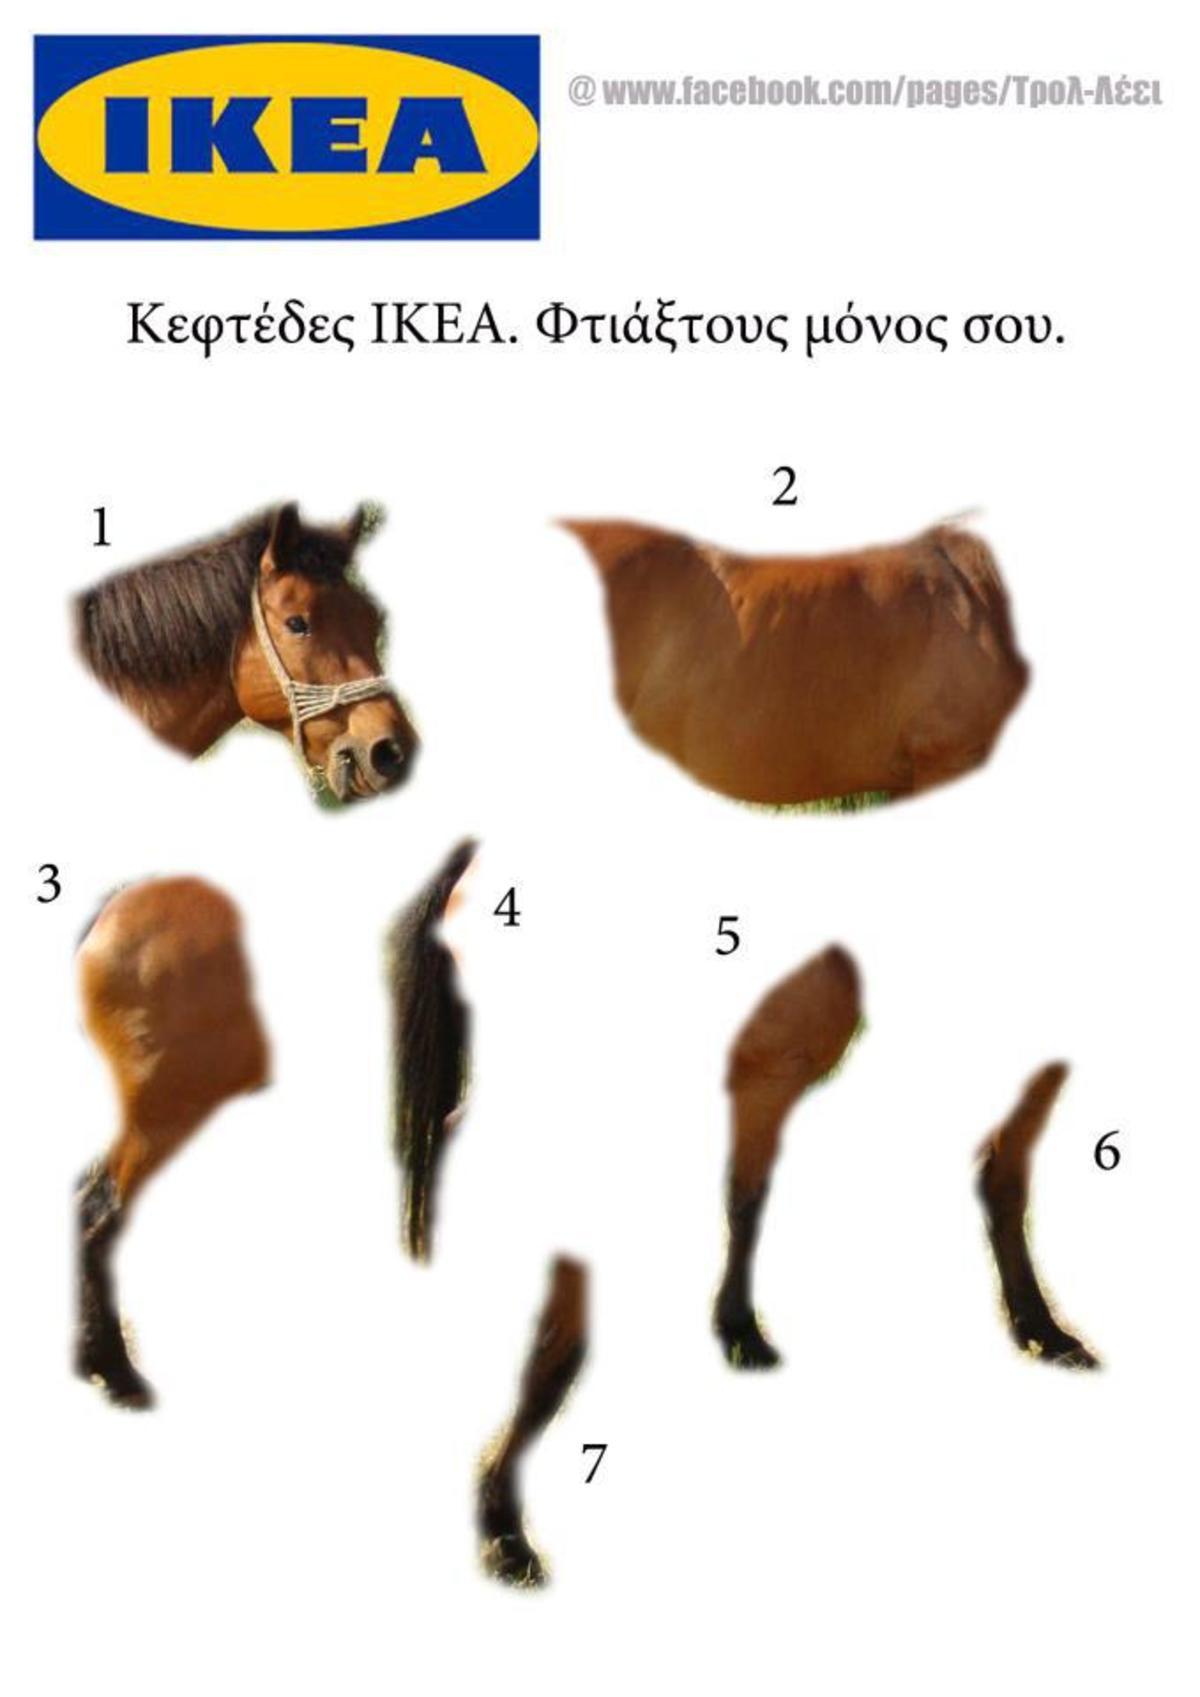 Με πόσα κεφτεδάκια απο το IKEA φτιάχνω carousel;   Newsit.gr